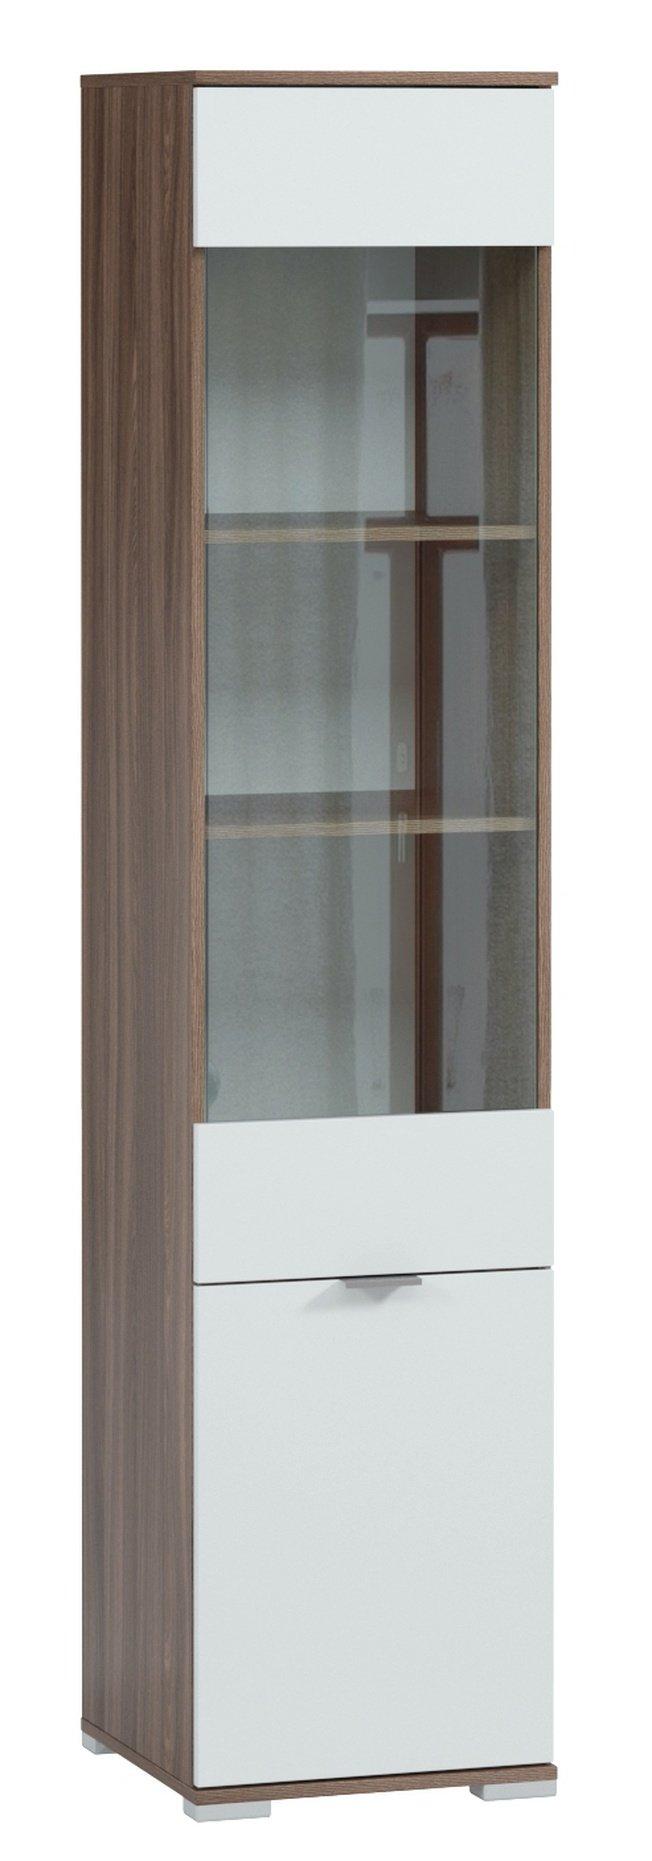 Шкаф-витрина Стелла, шимо темный/белый снег фото